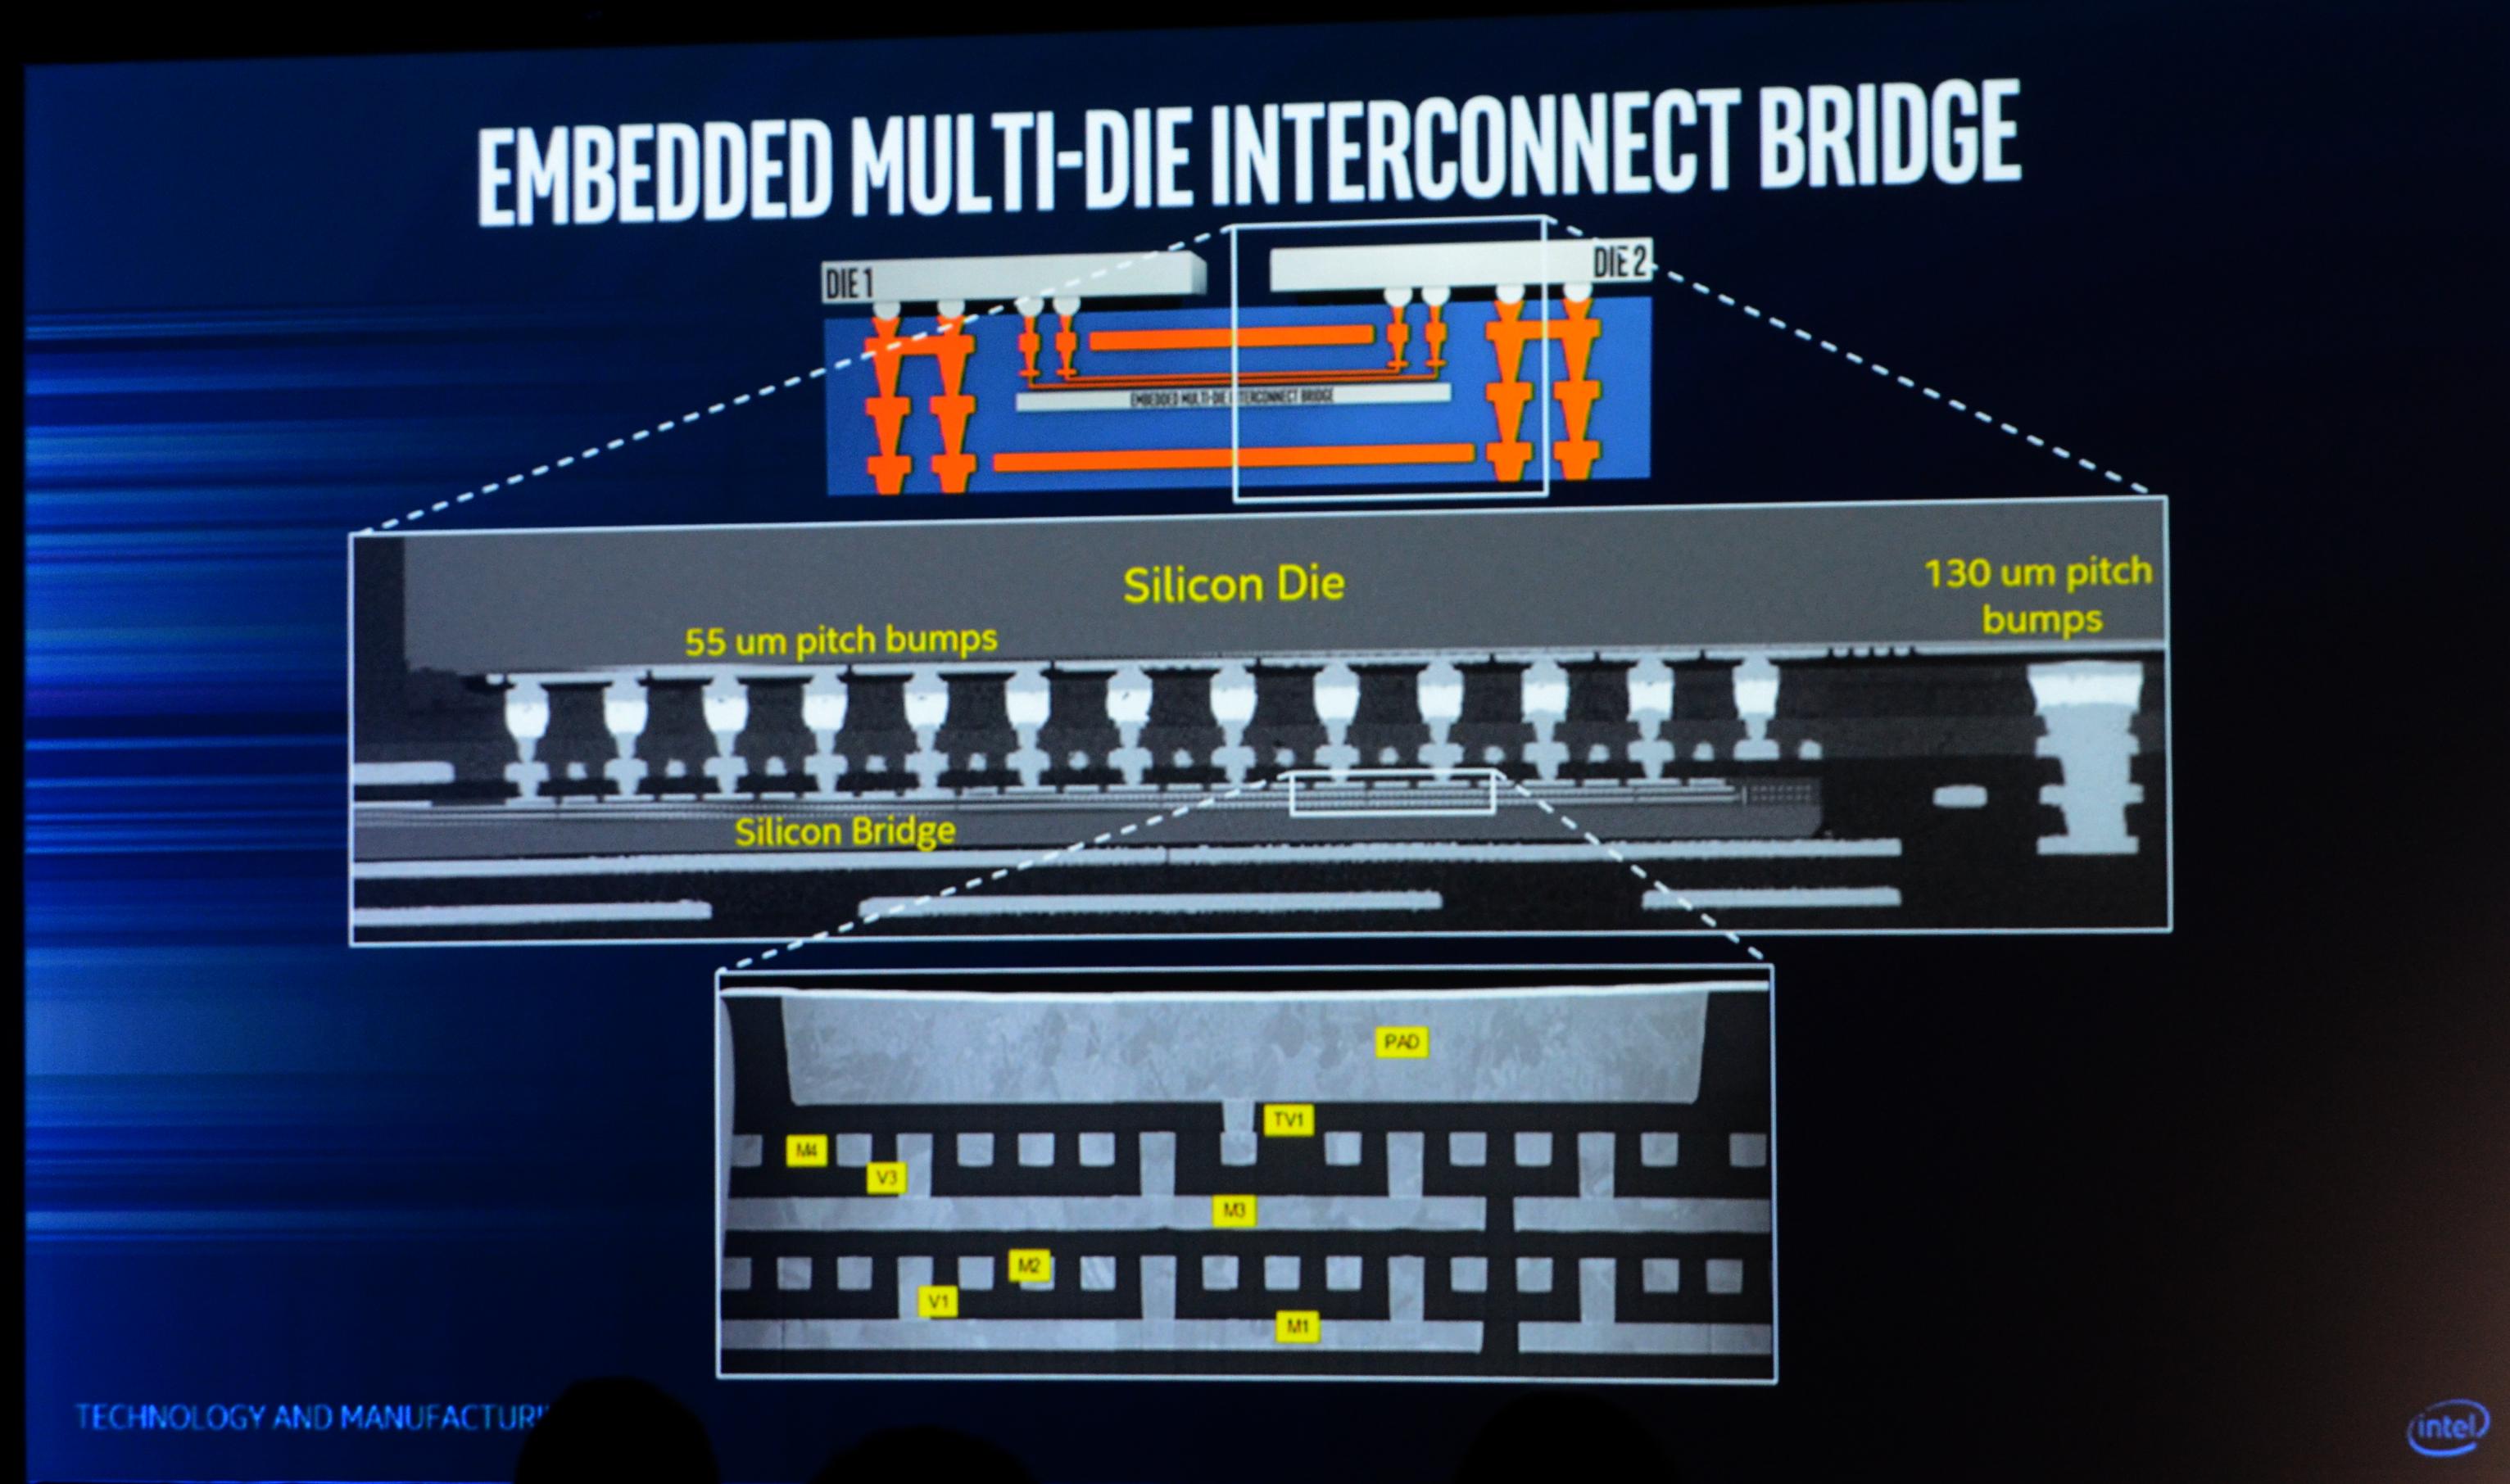 EMIB: Intel verbindet Multi-Chip-Module mit Silizium - SEM-Aufnahme der echten Verbindungen (Bild: Intel)